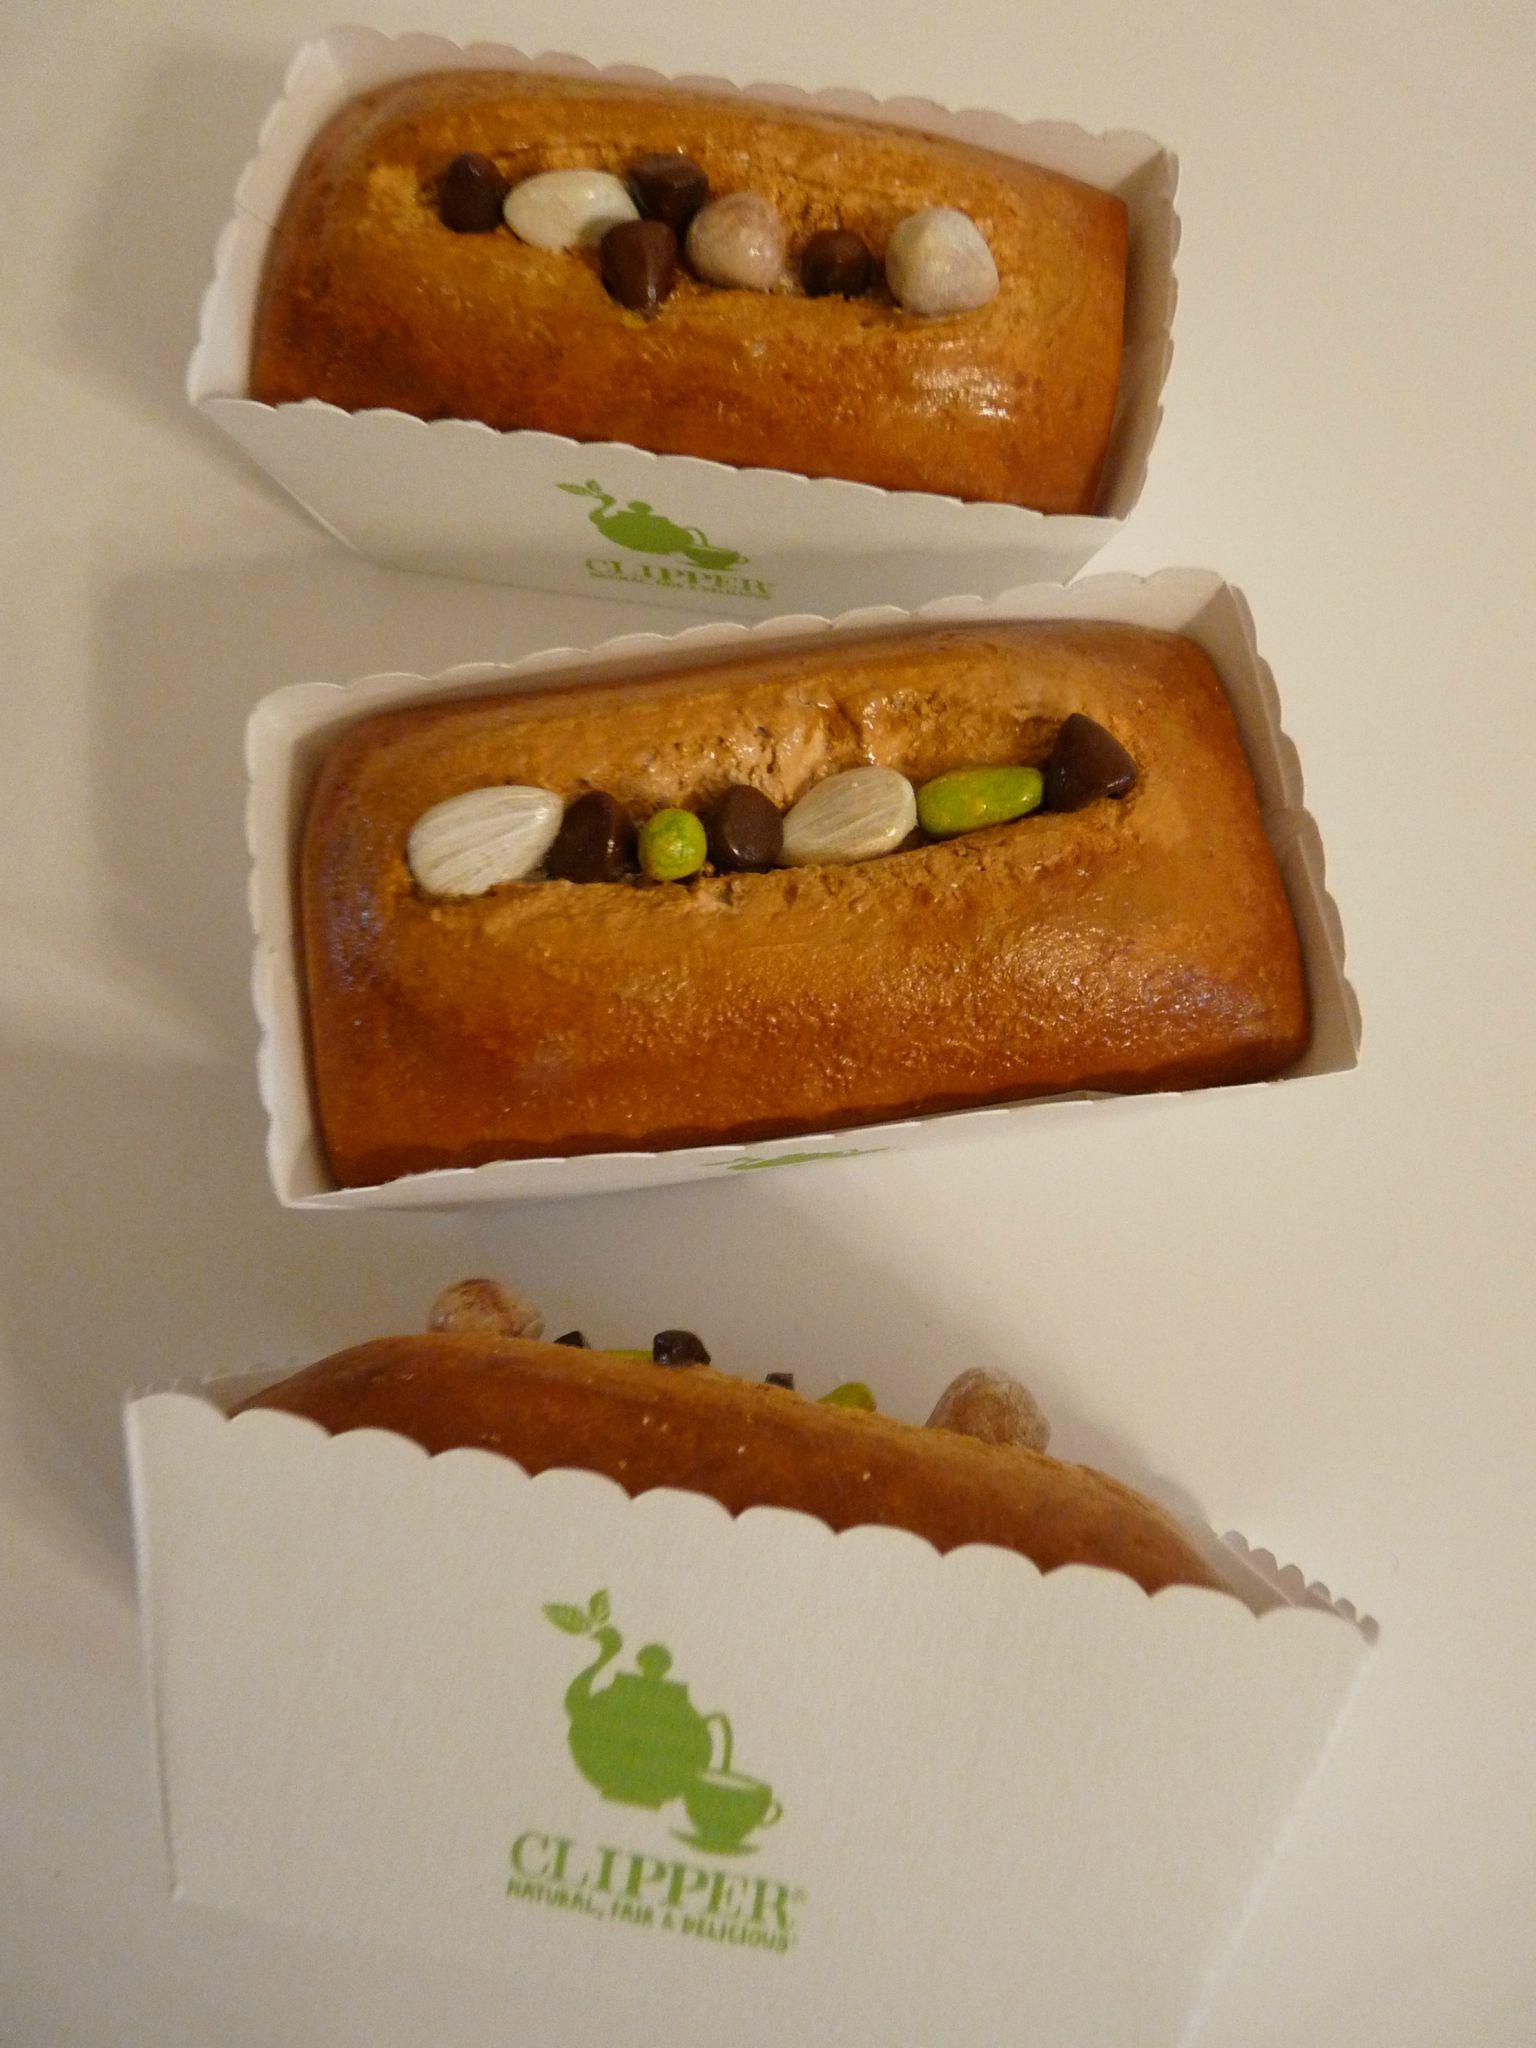 Petits cakes, caissettes personnalisées, pour Clipper